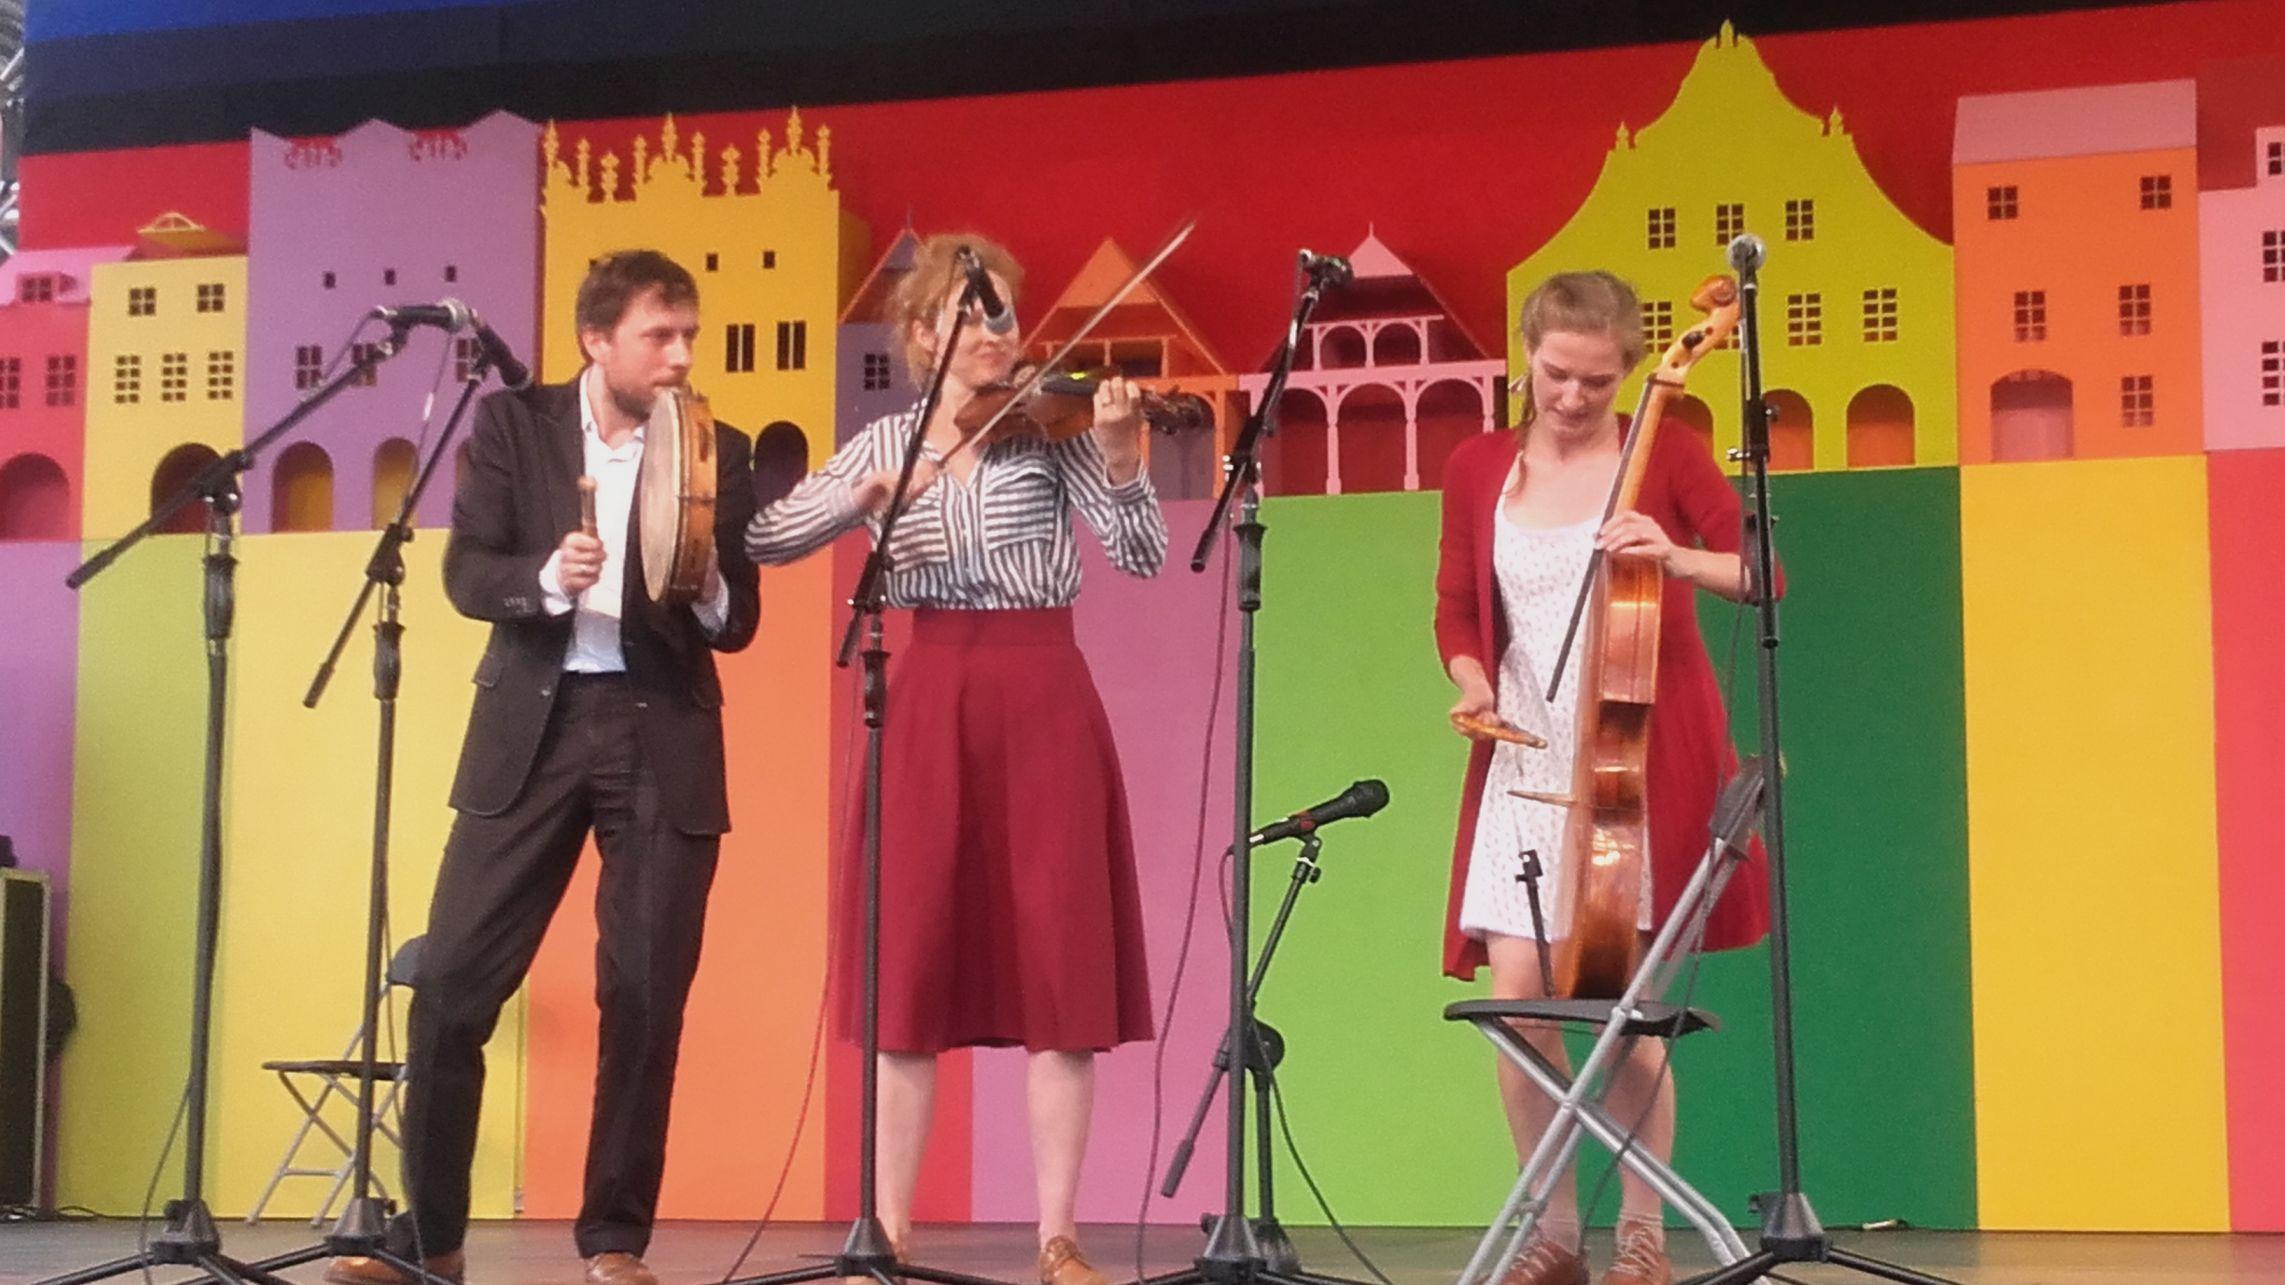 2016-06-25 Kazimierz Dolny - festiwal (117)